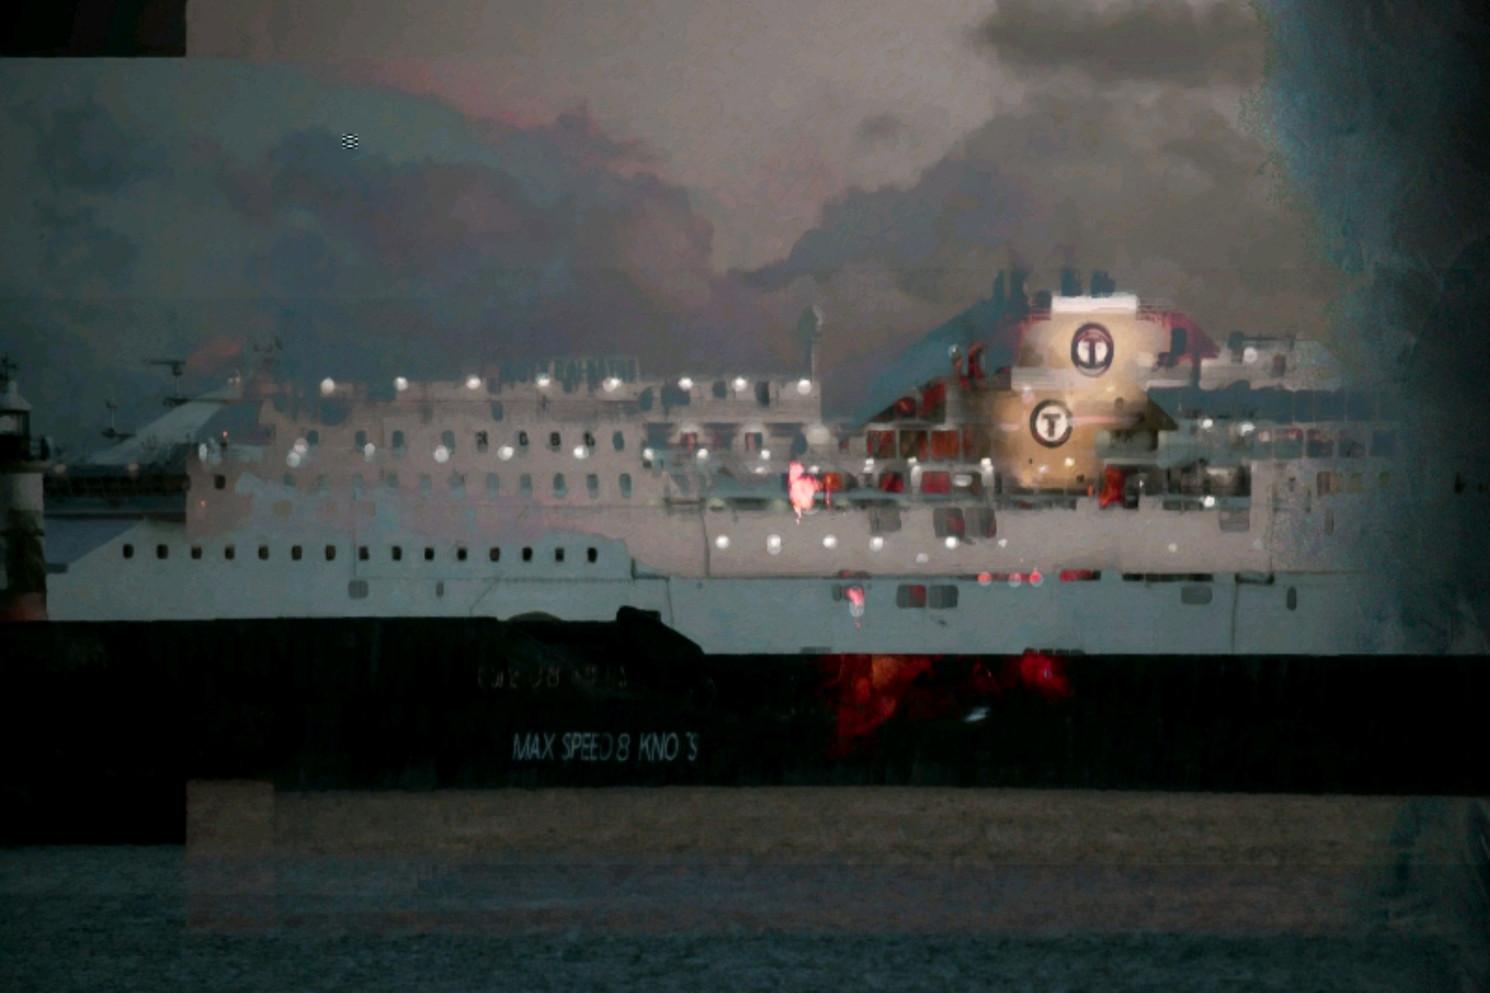 Departure 004a